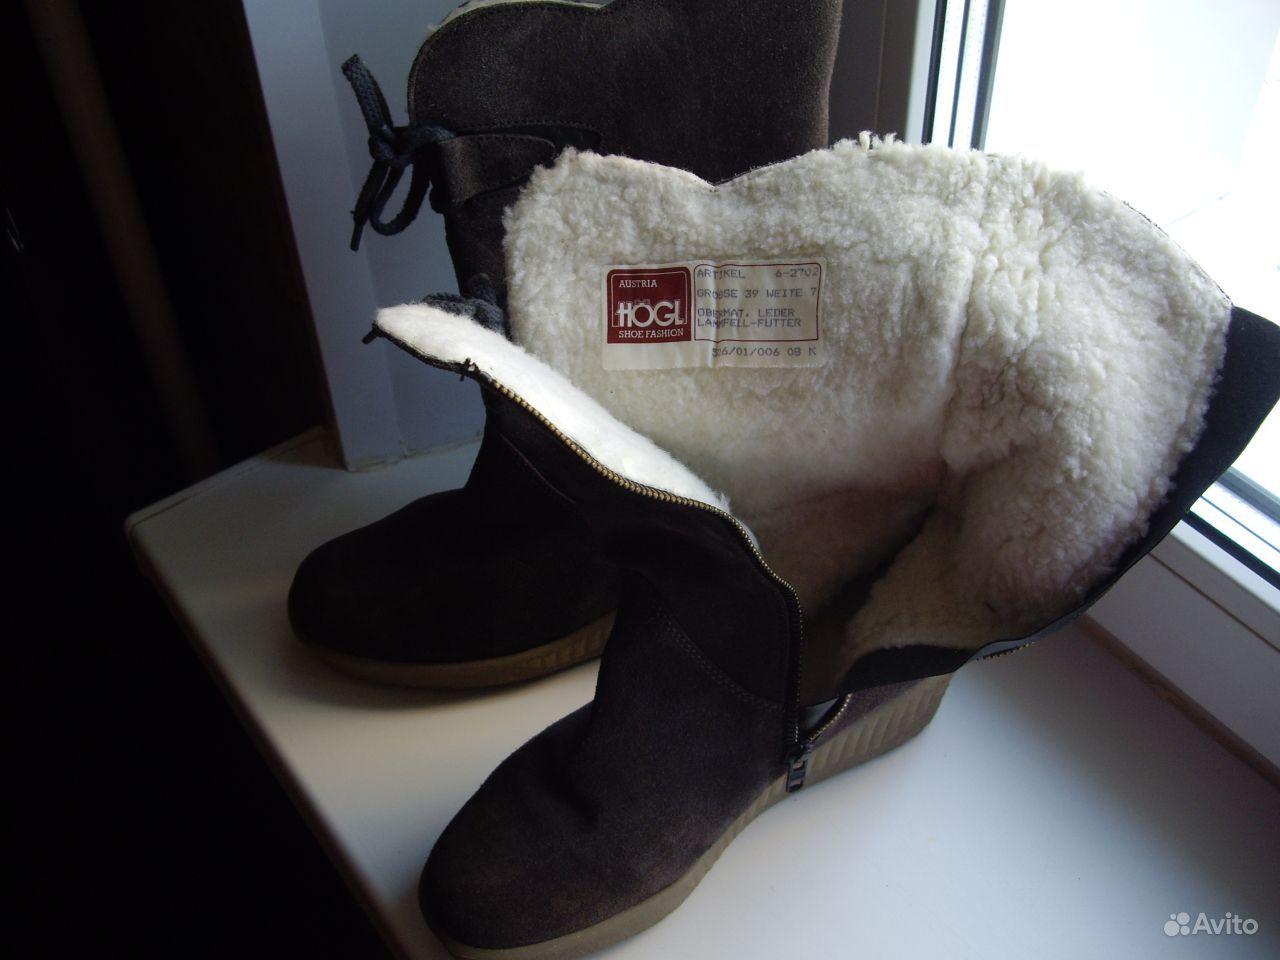 Немецкая обувь - Hogl